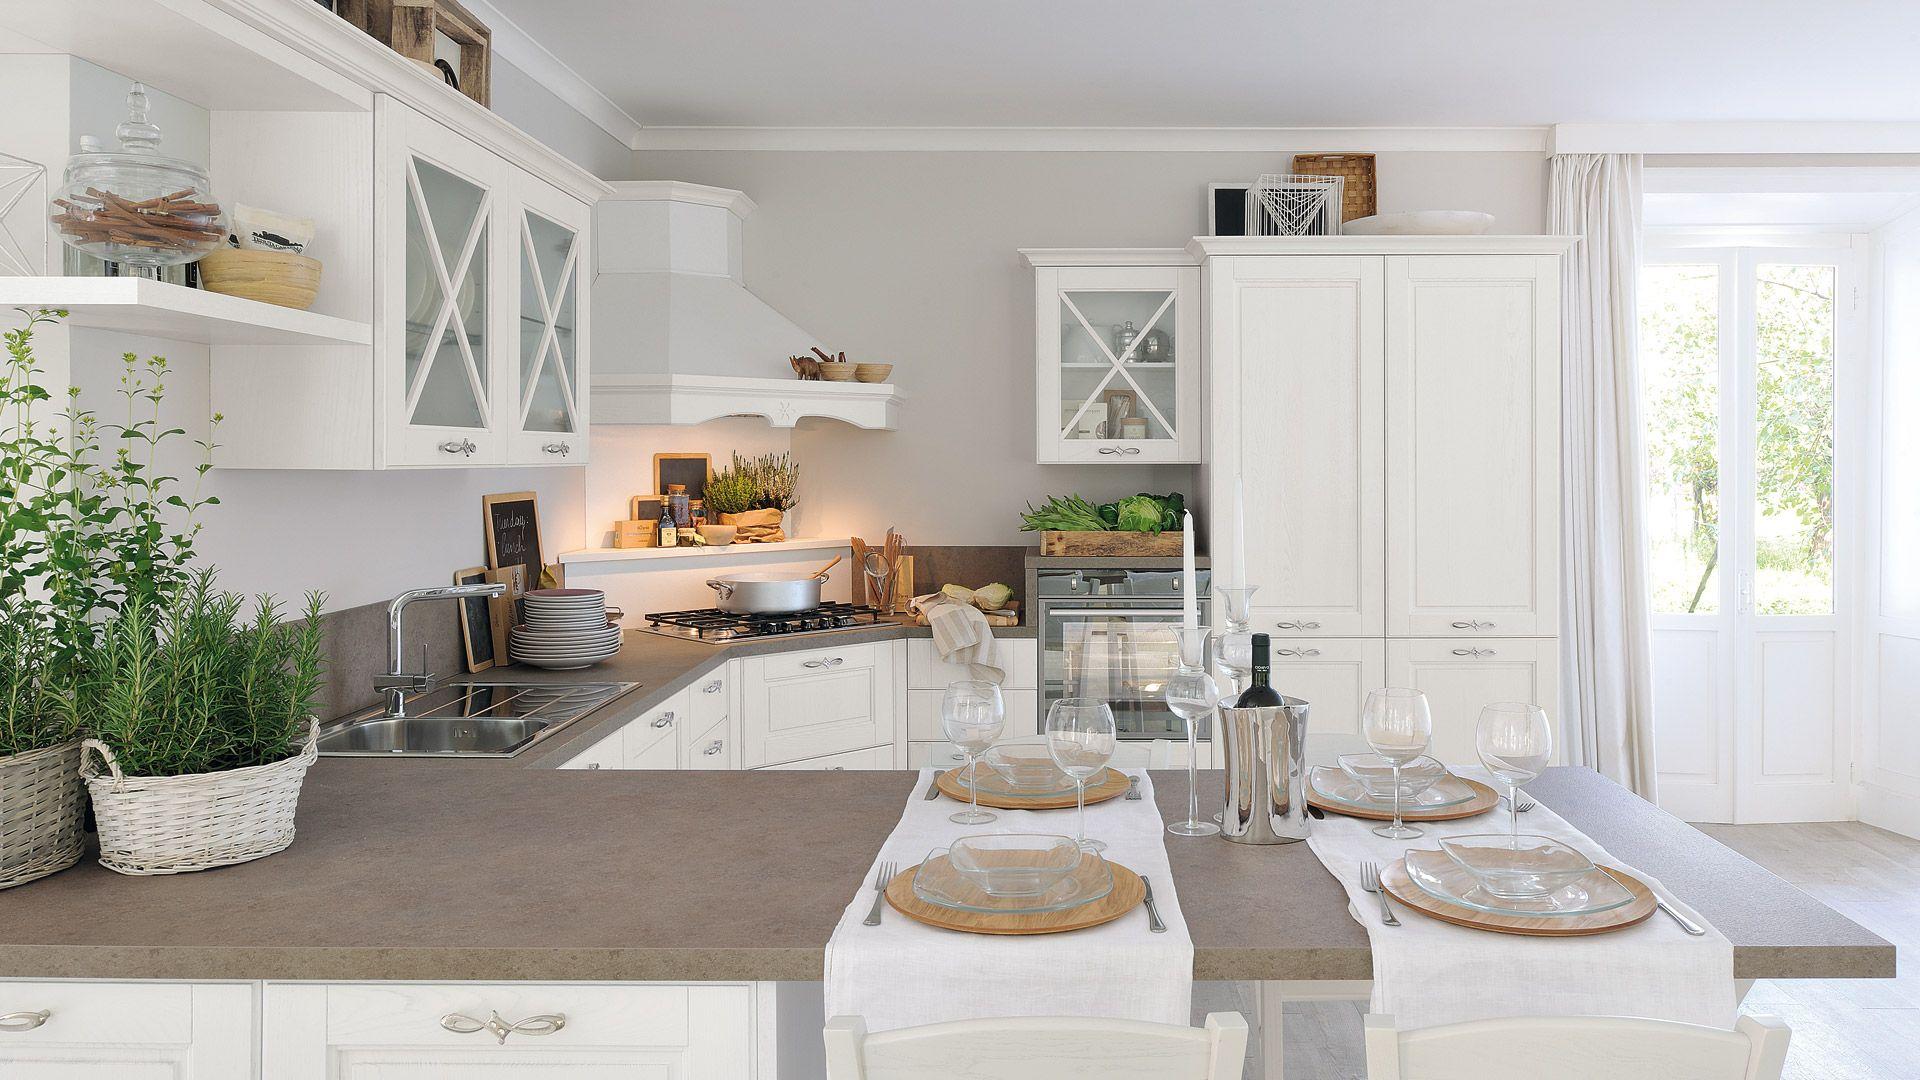 Agnese - Cucine Classiche - Cucine Lube | casa nuova | Pinterest